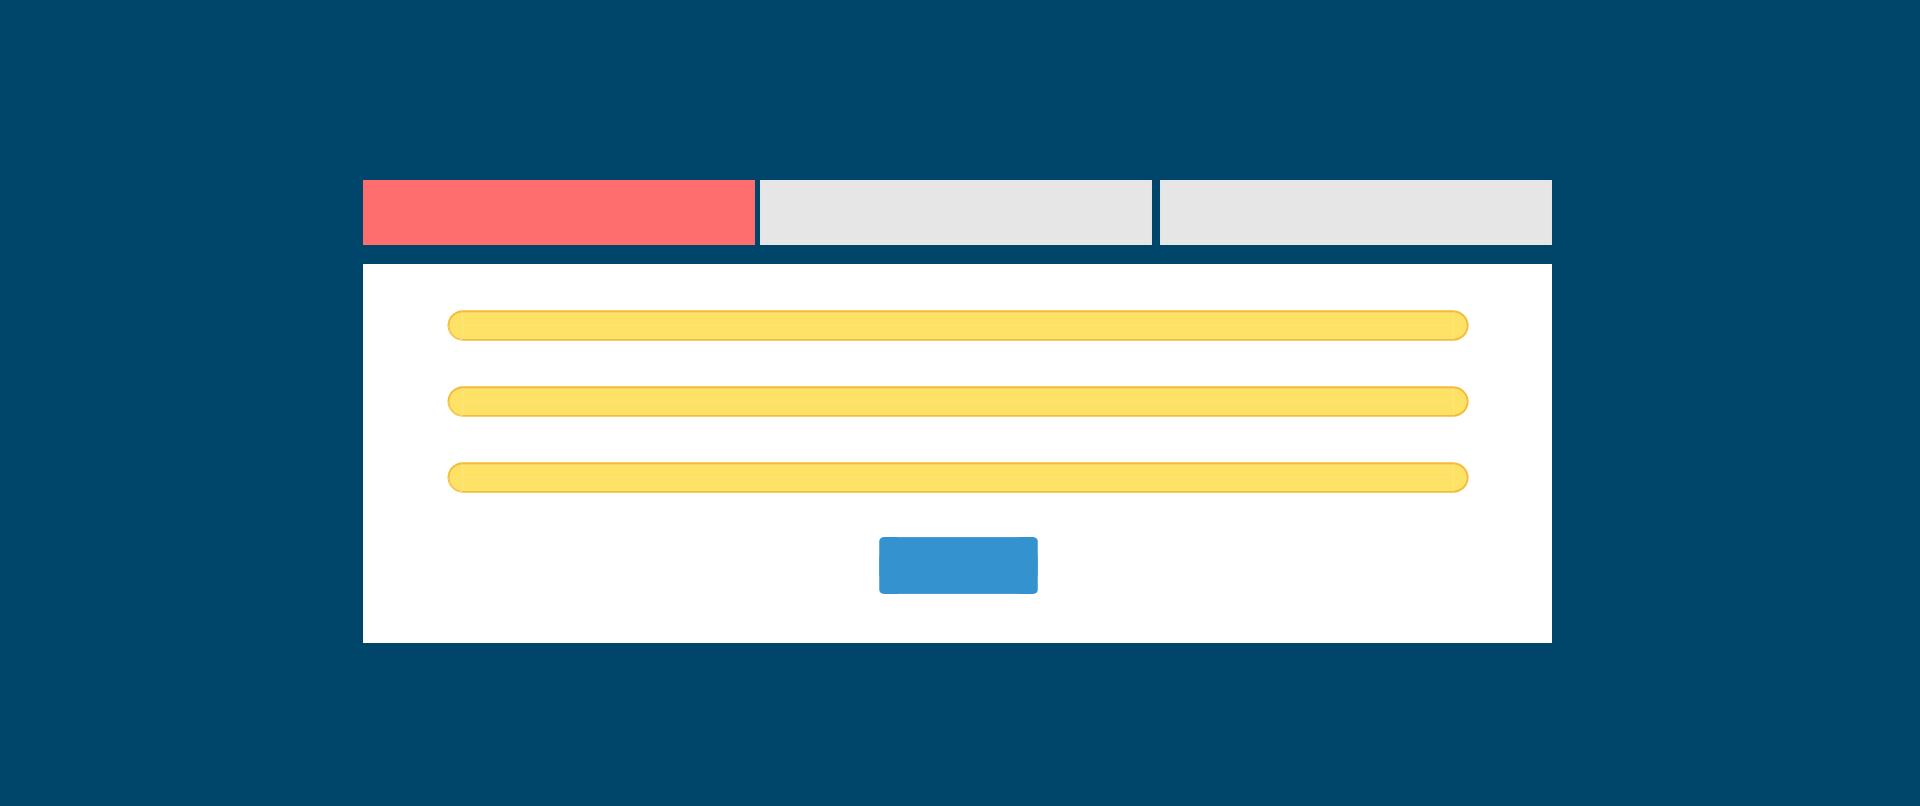 come-creare-un-modulo-multipagina-in-wordpress